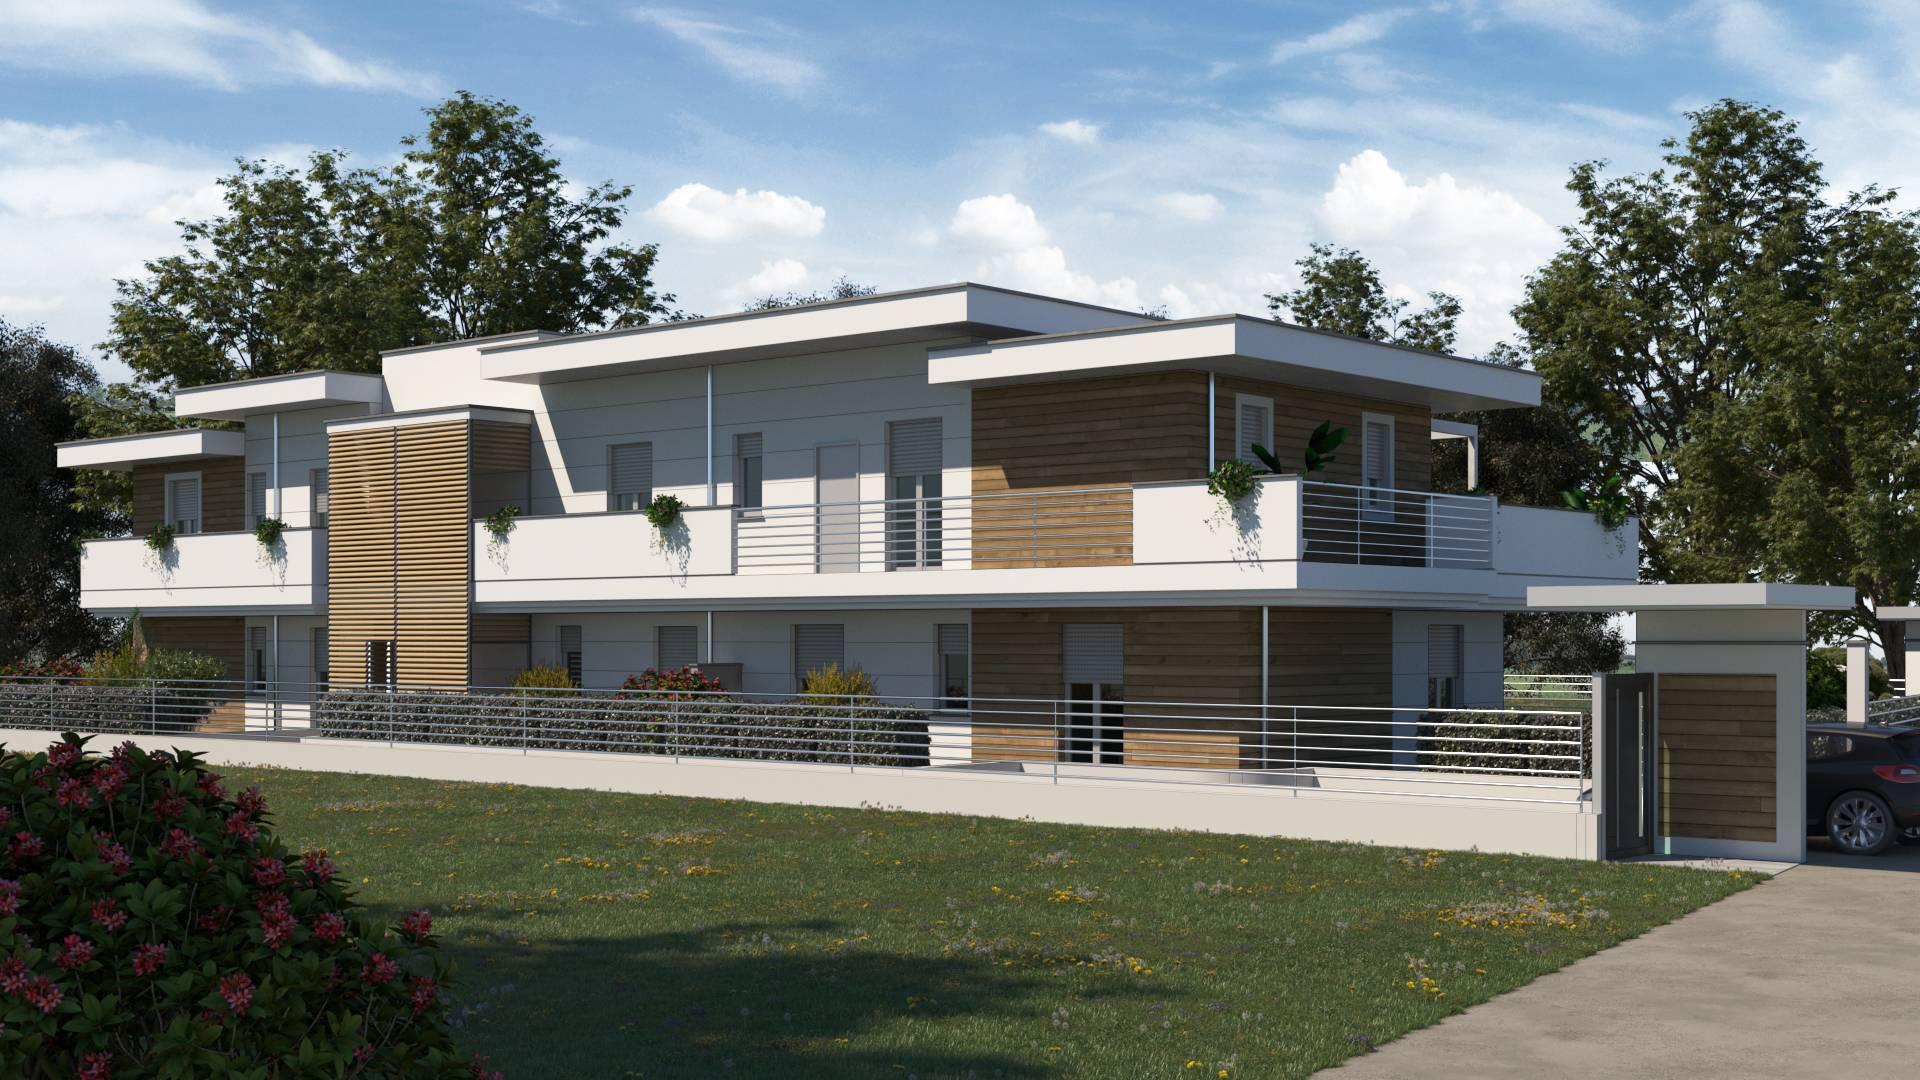 Appartamento in vendita a Camparada, 3 locali, prezzo € 265.000   PortaleAgenzieImmobiliari.it